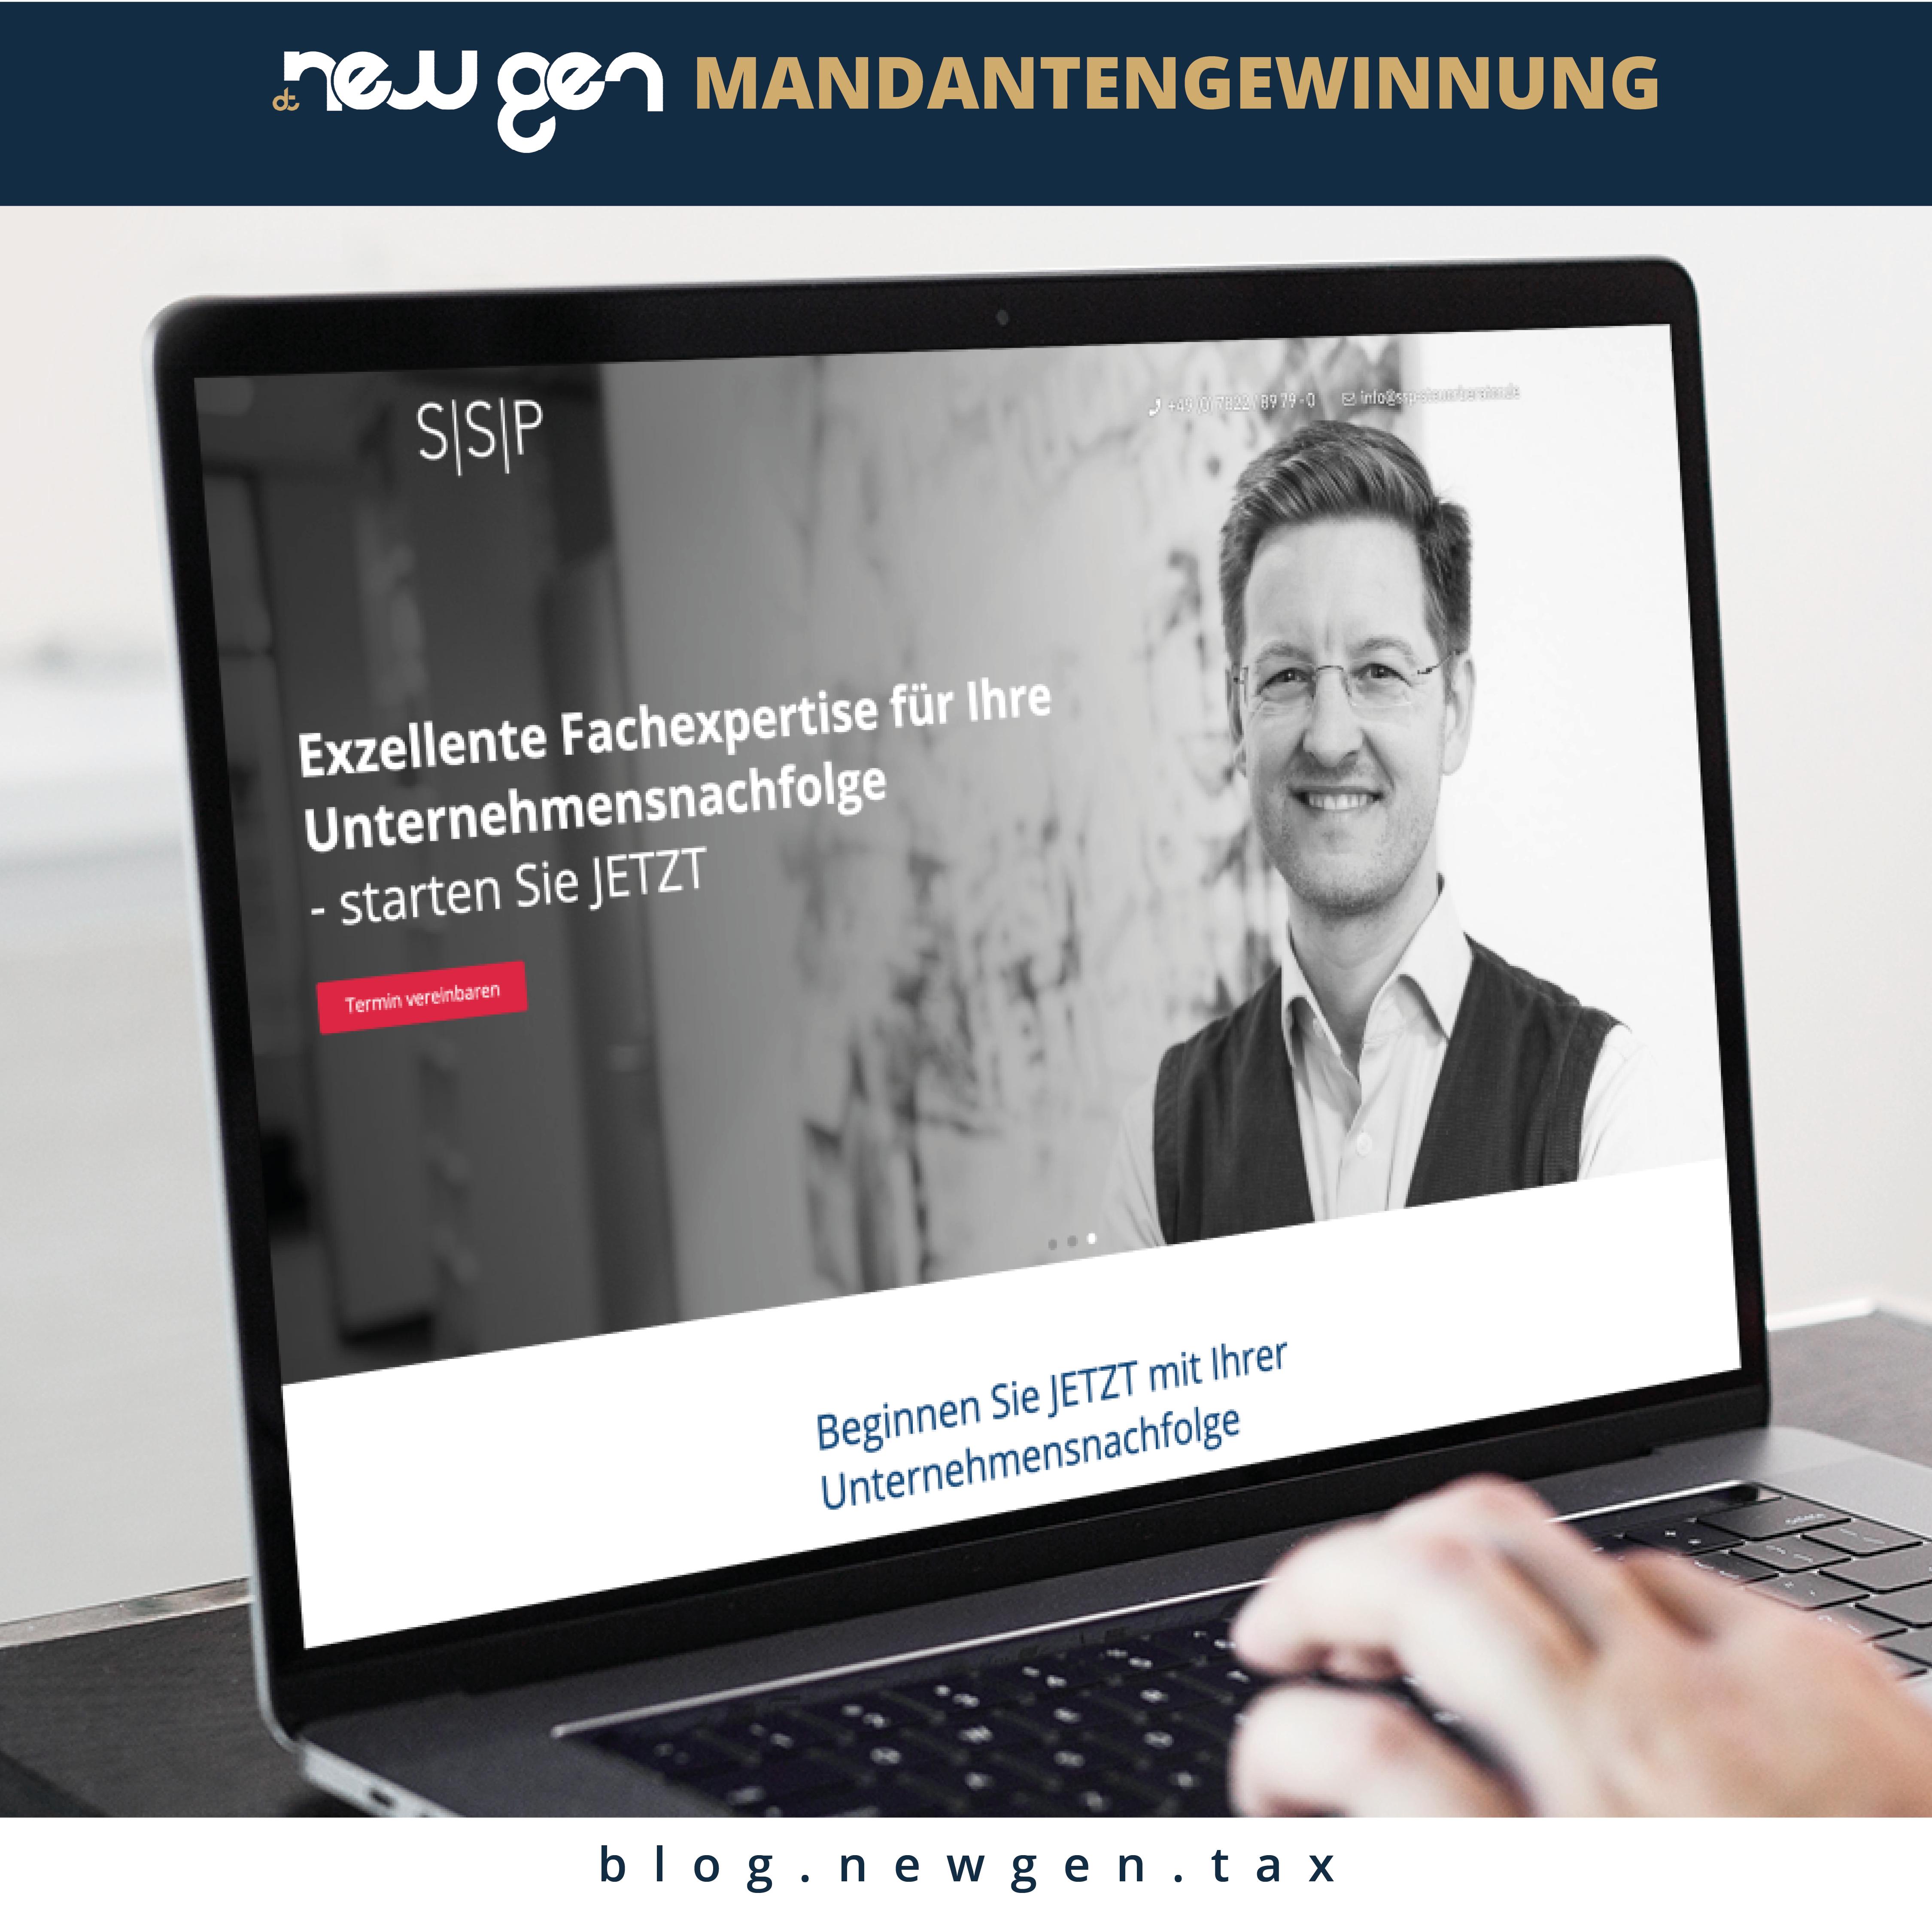 new gen Mandantengewinnung - Martin Sauer